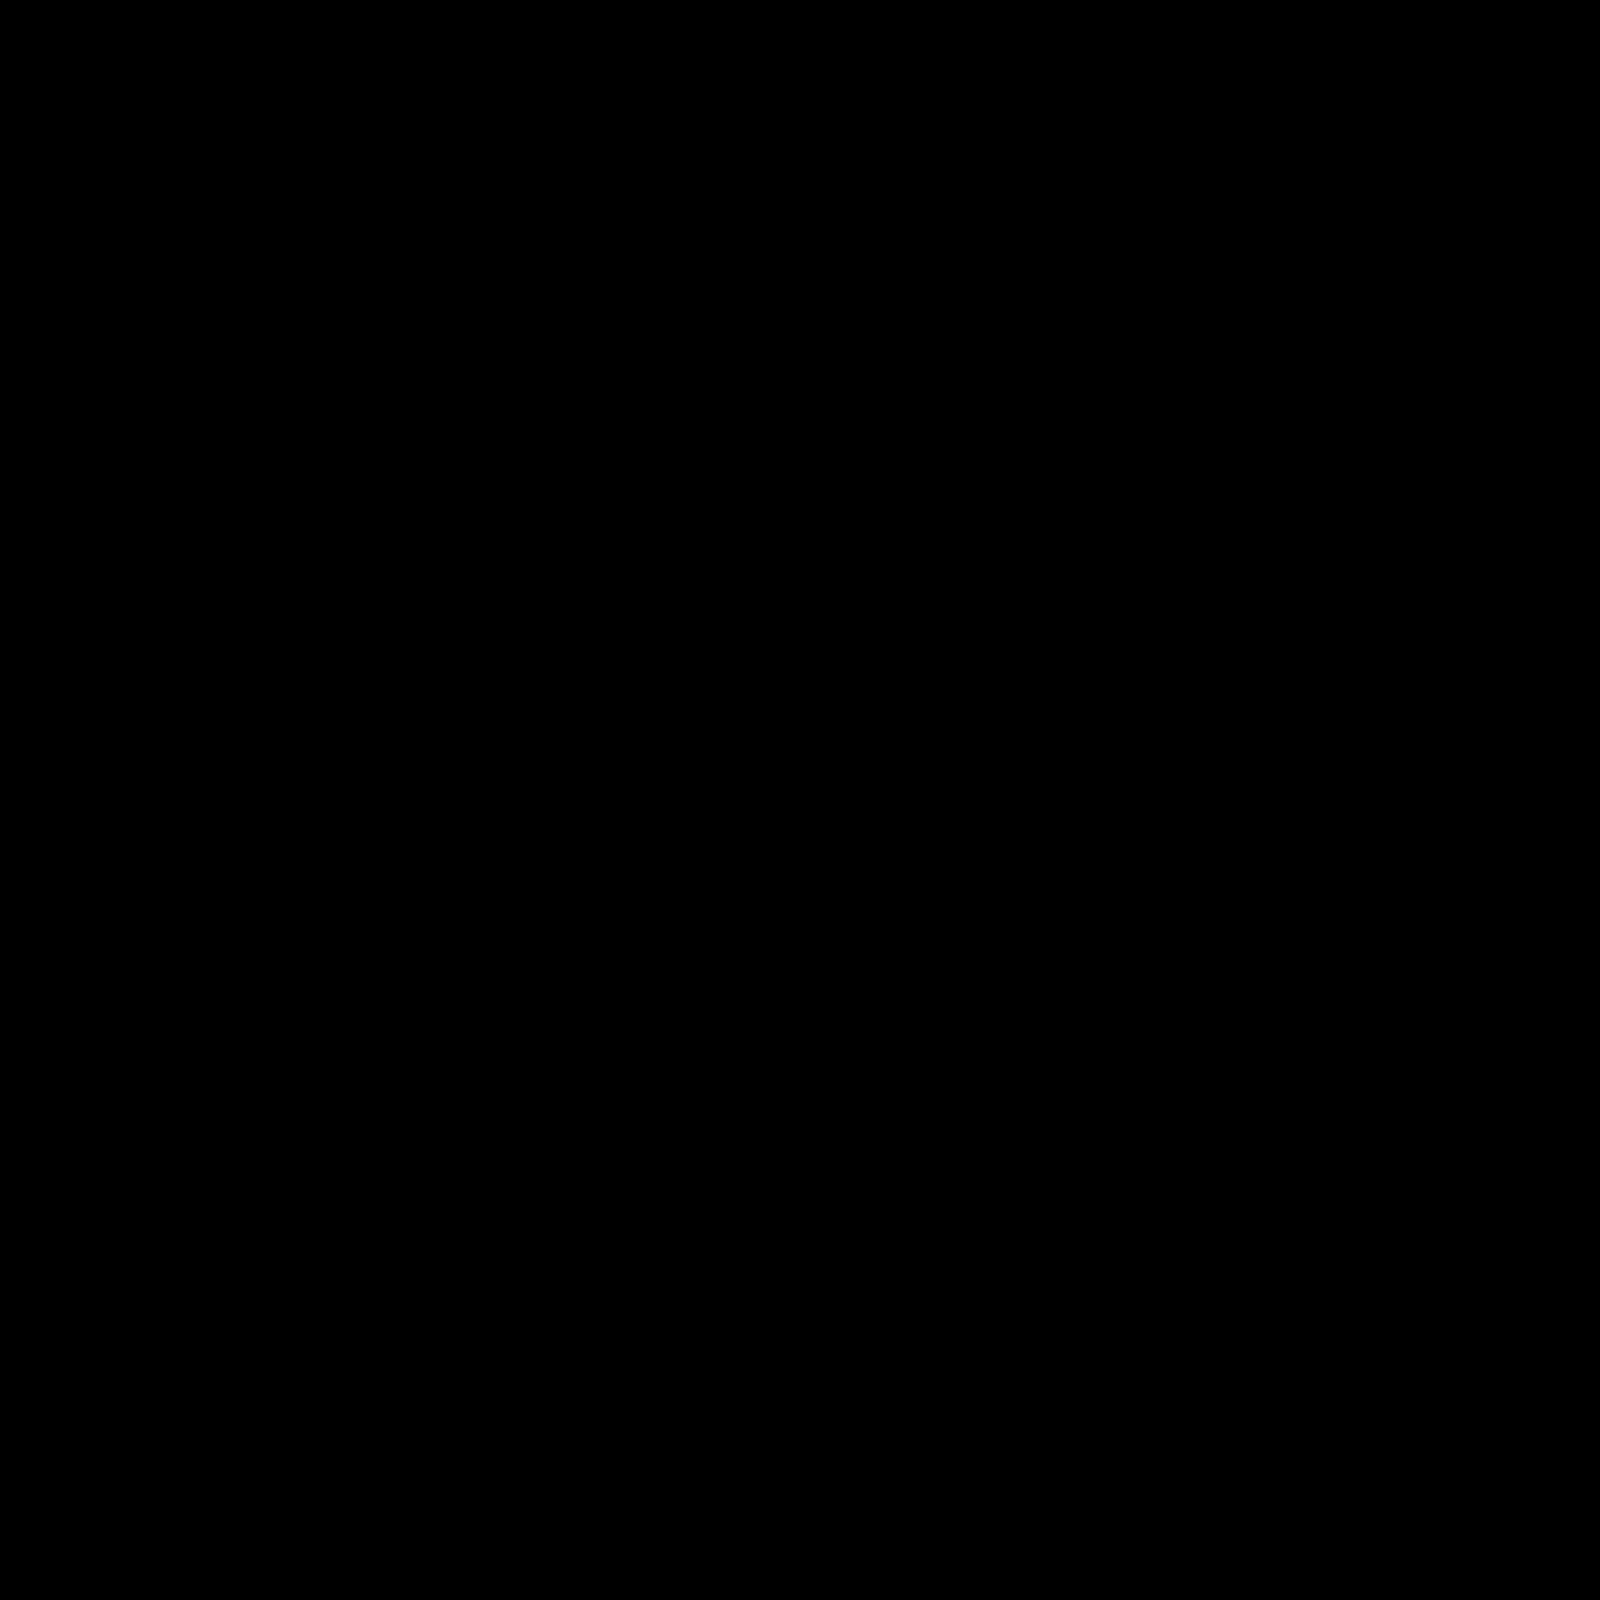 Centrum handlowe icon